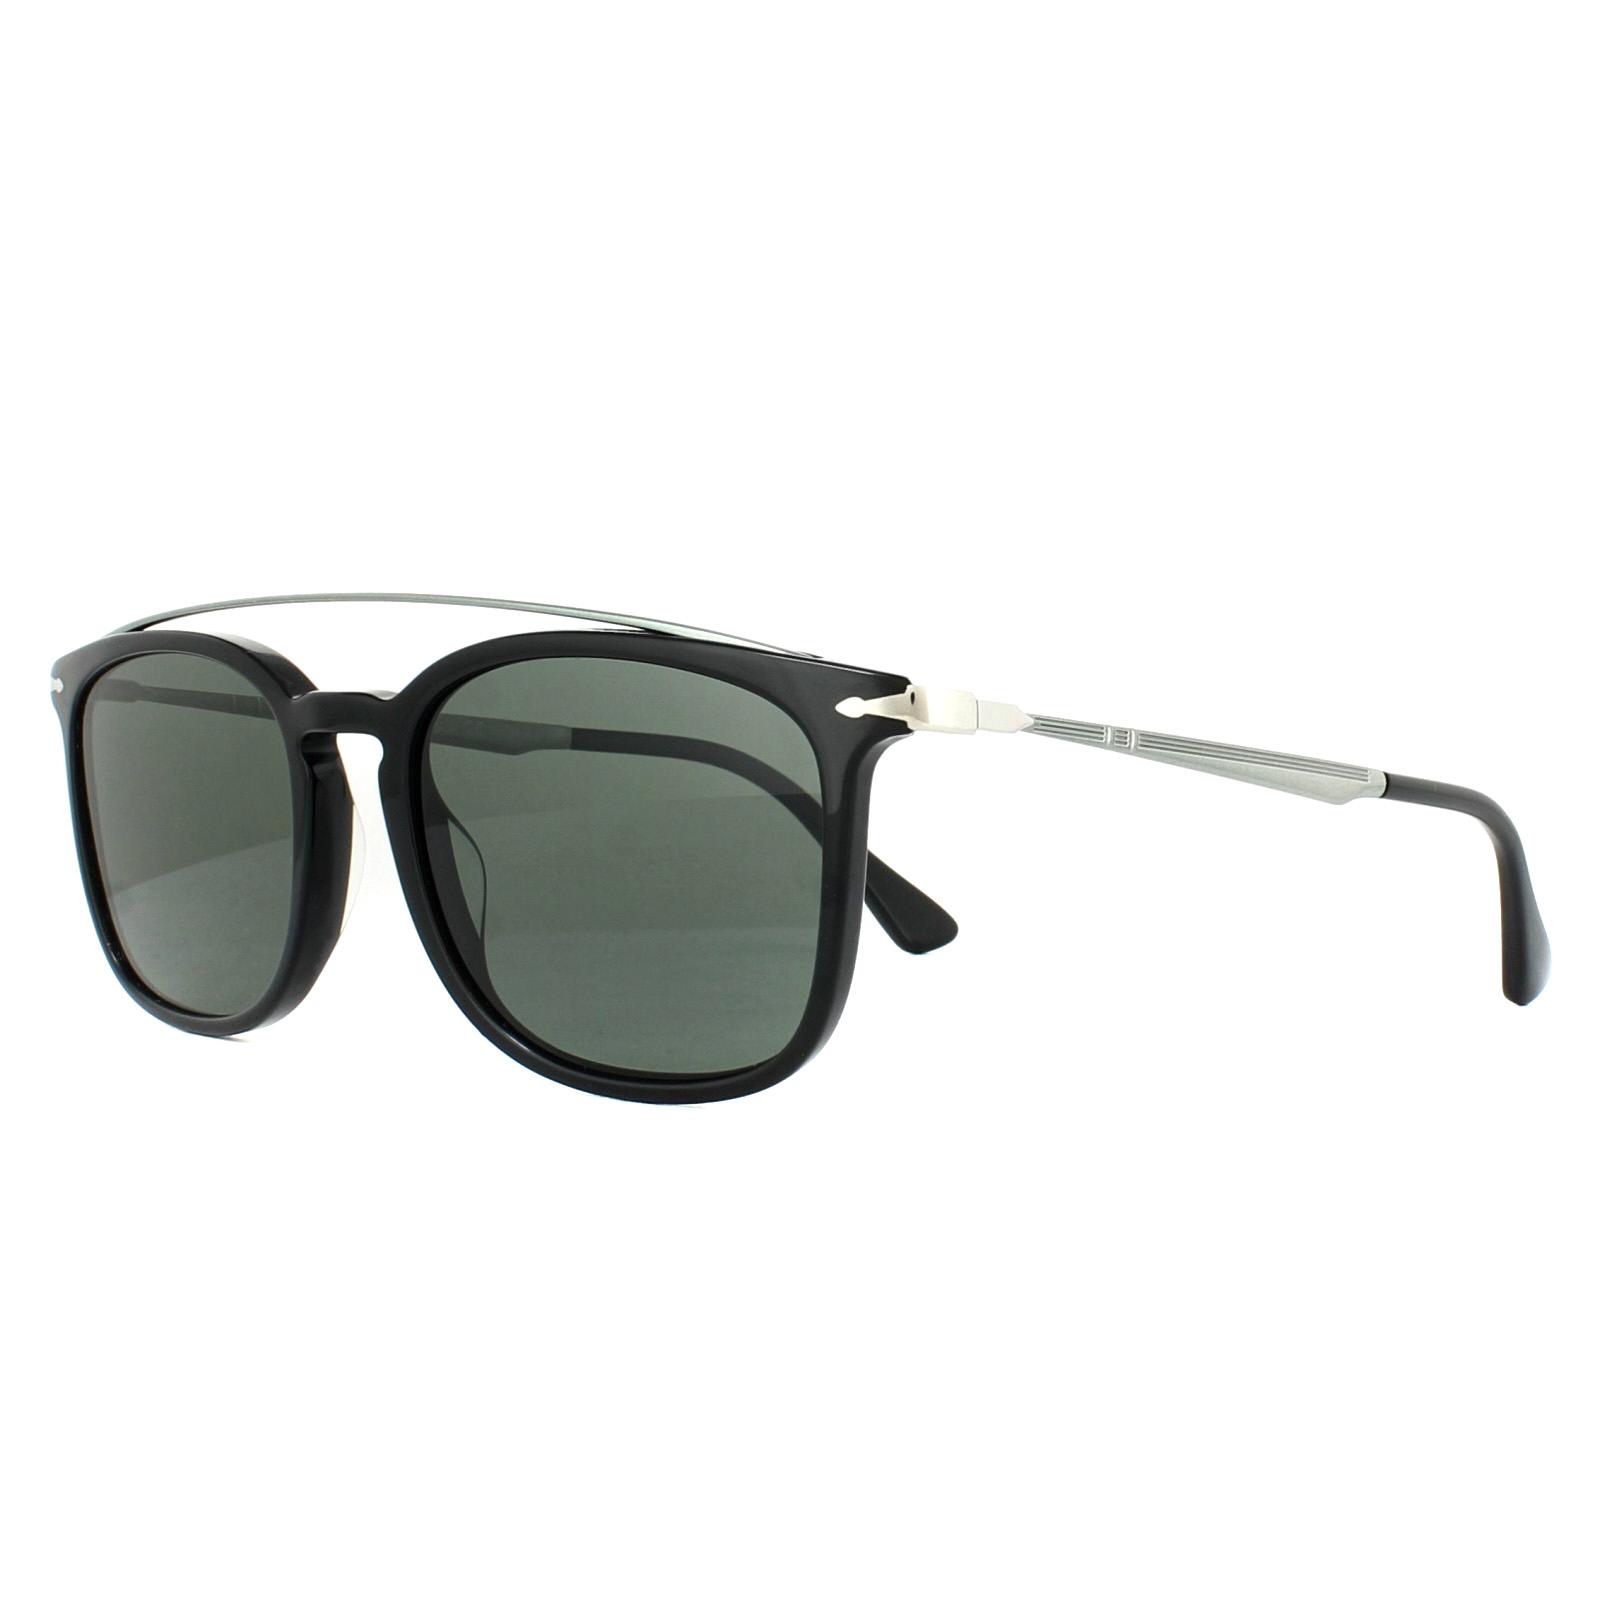 94f89d043c Persol Sunglasses 3173S 95 58 Black Green Polarized 8053672764406